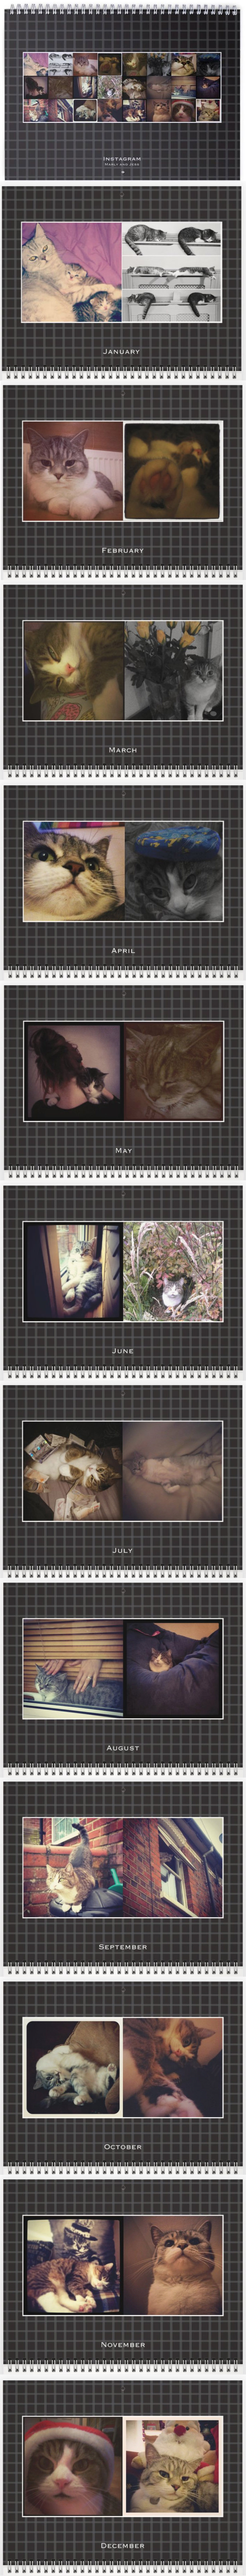 calendar_cover14